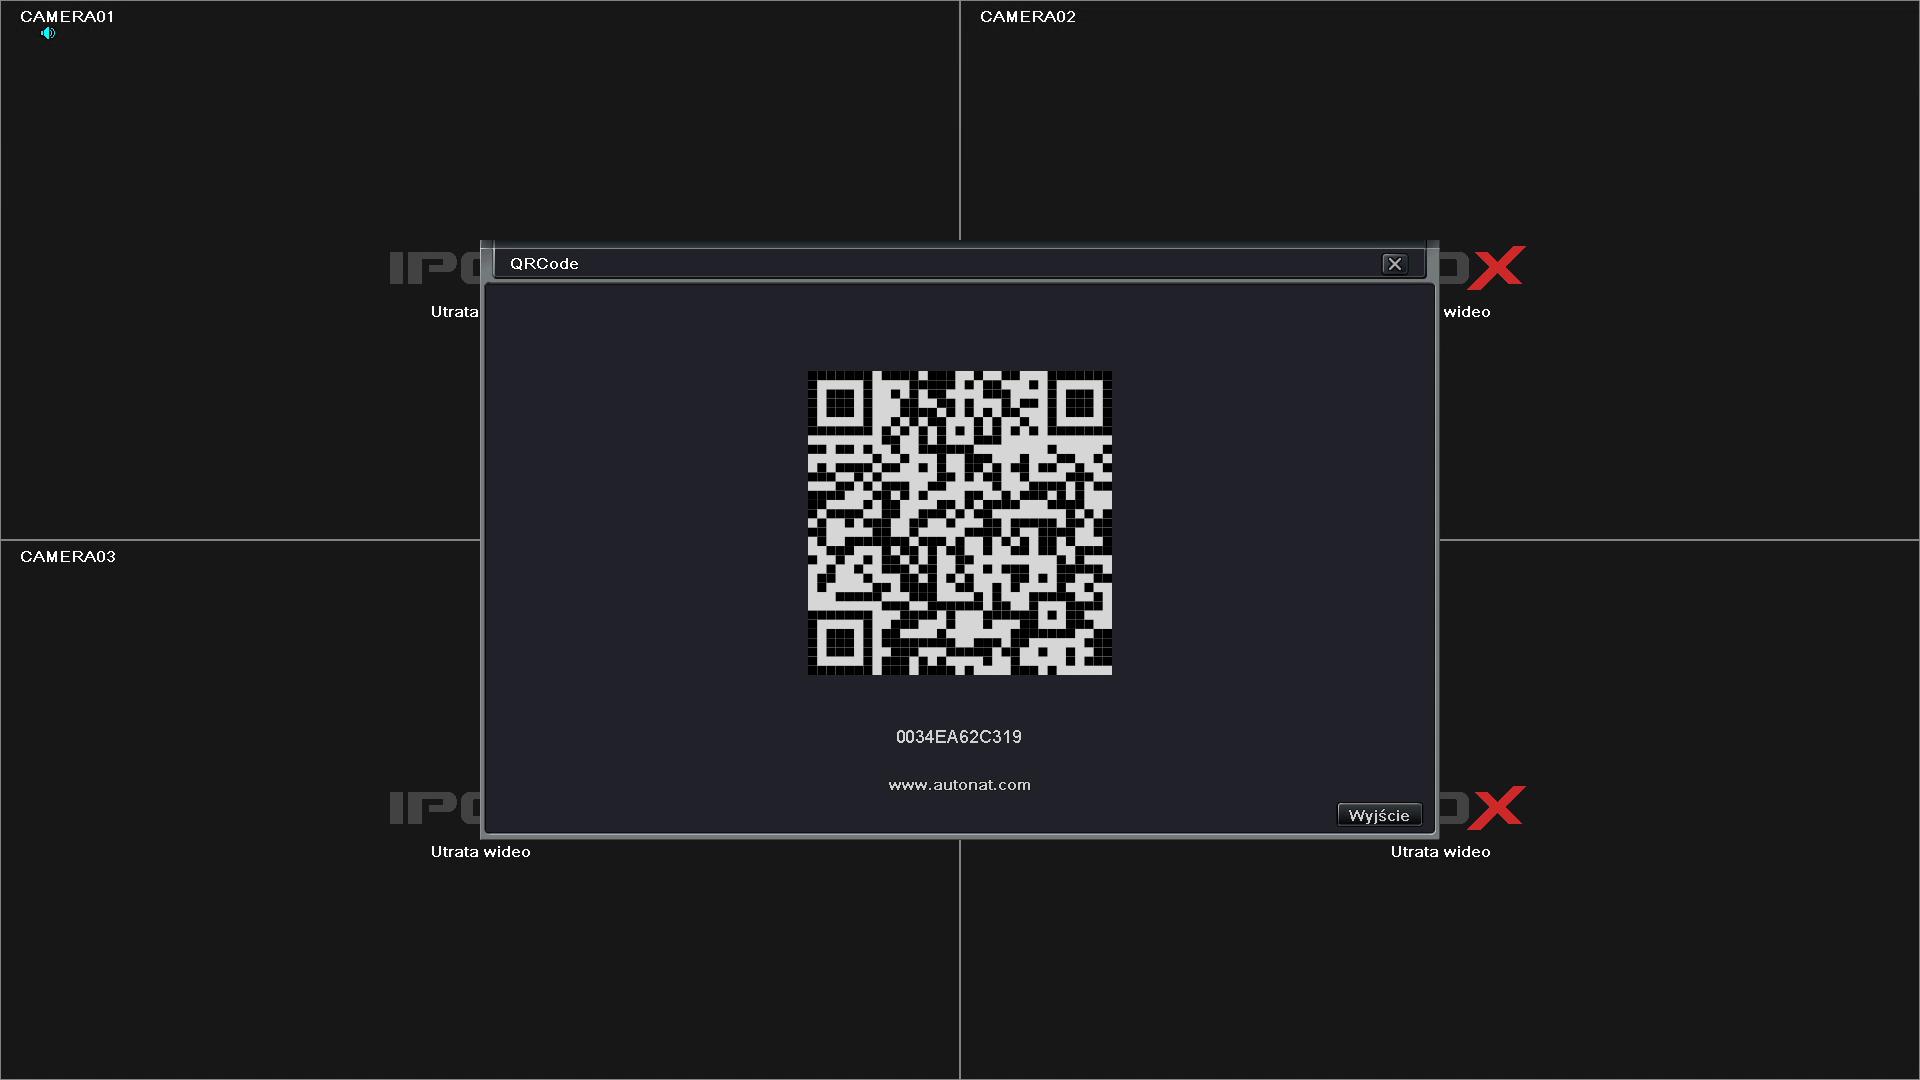 Bezpośrednie połączenie z rejestratorem przez QR code.